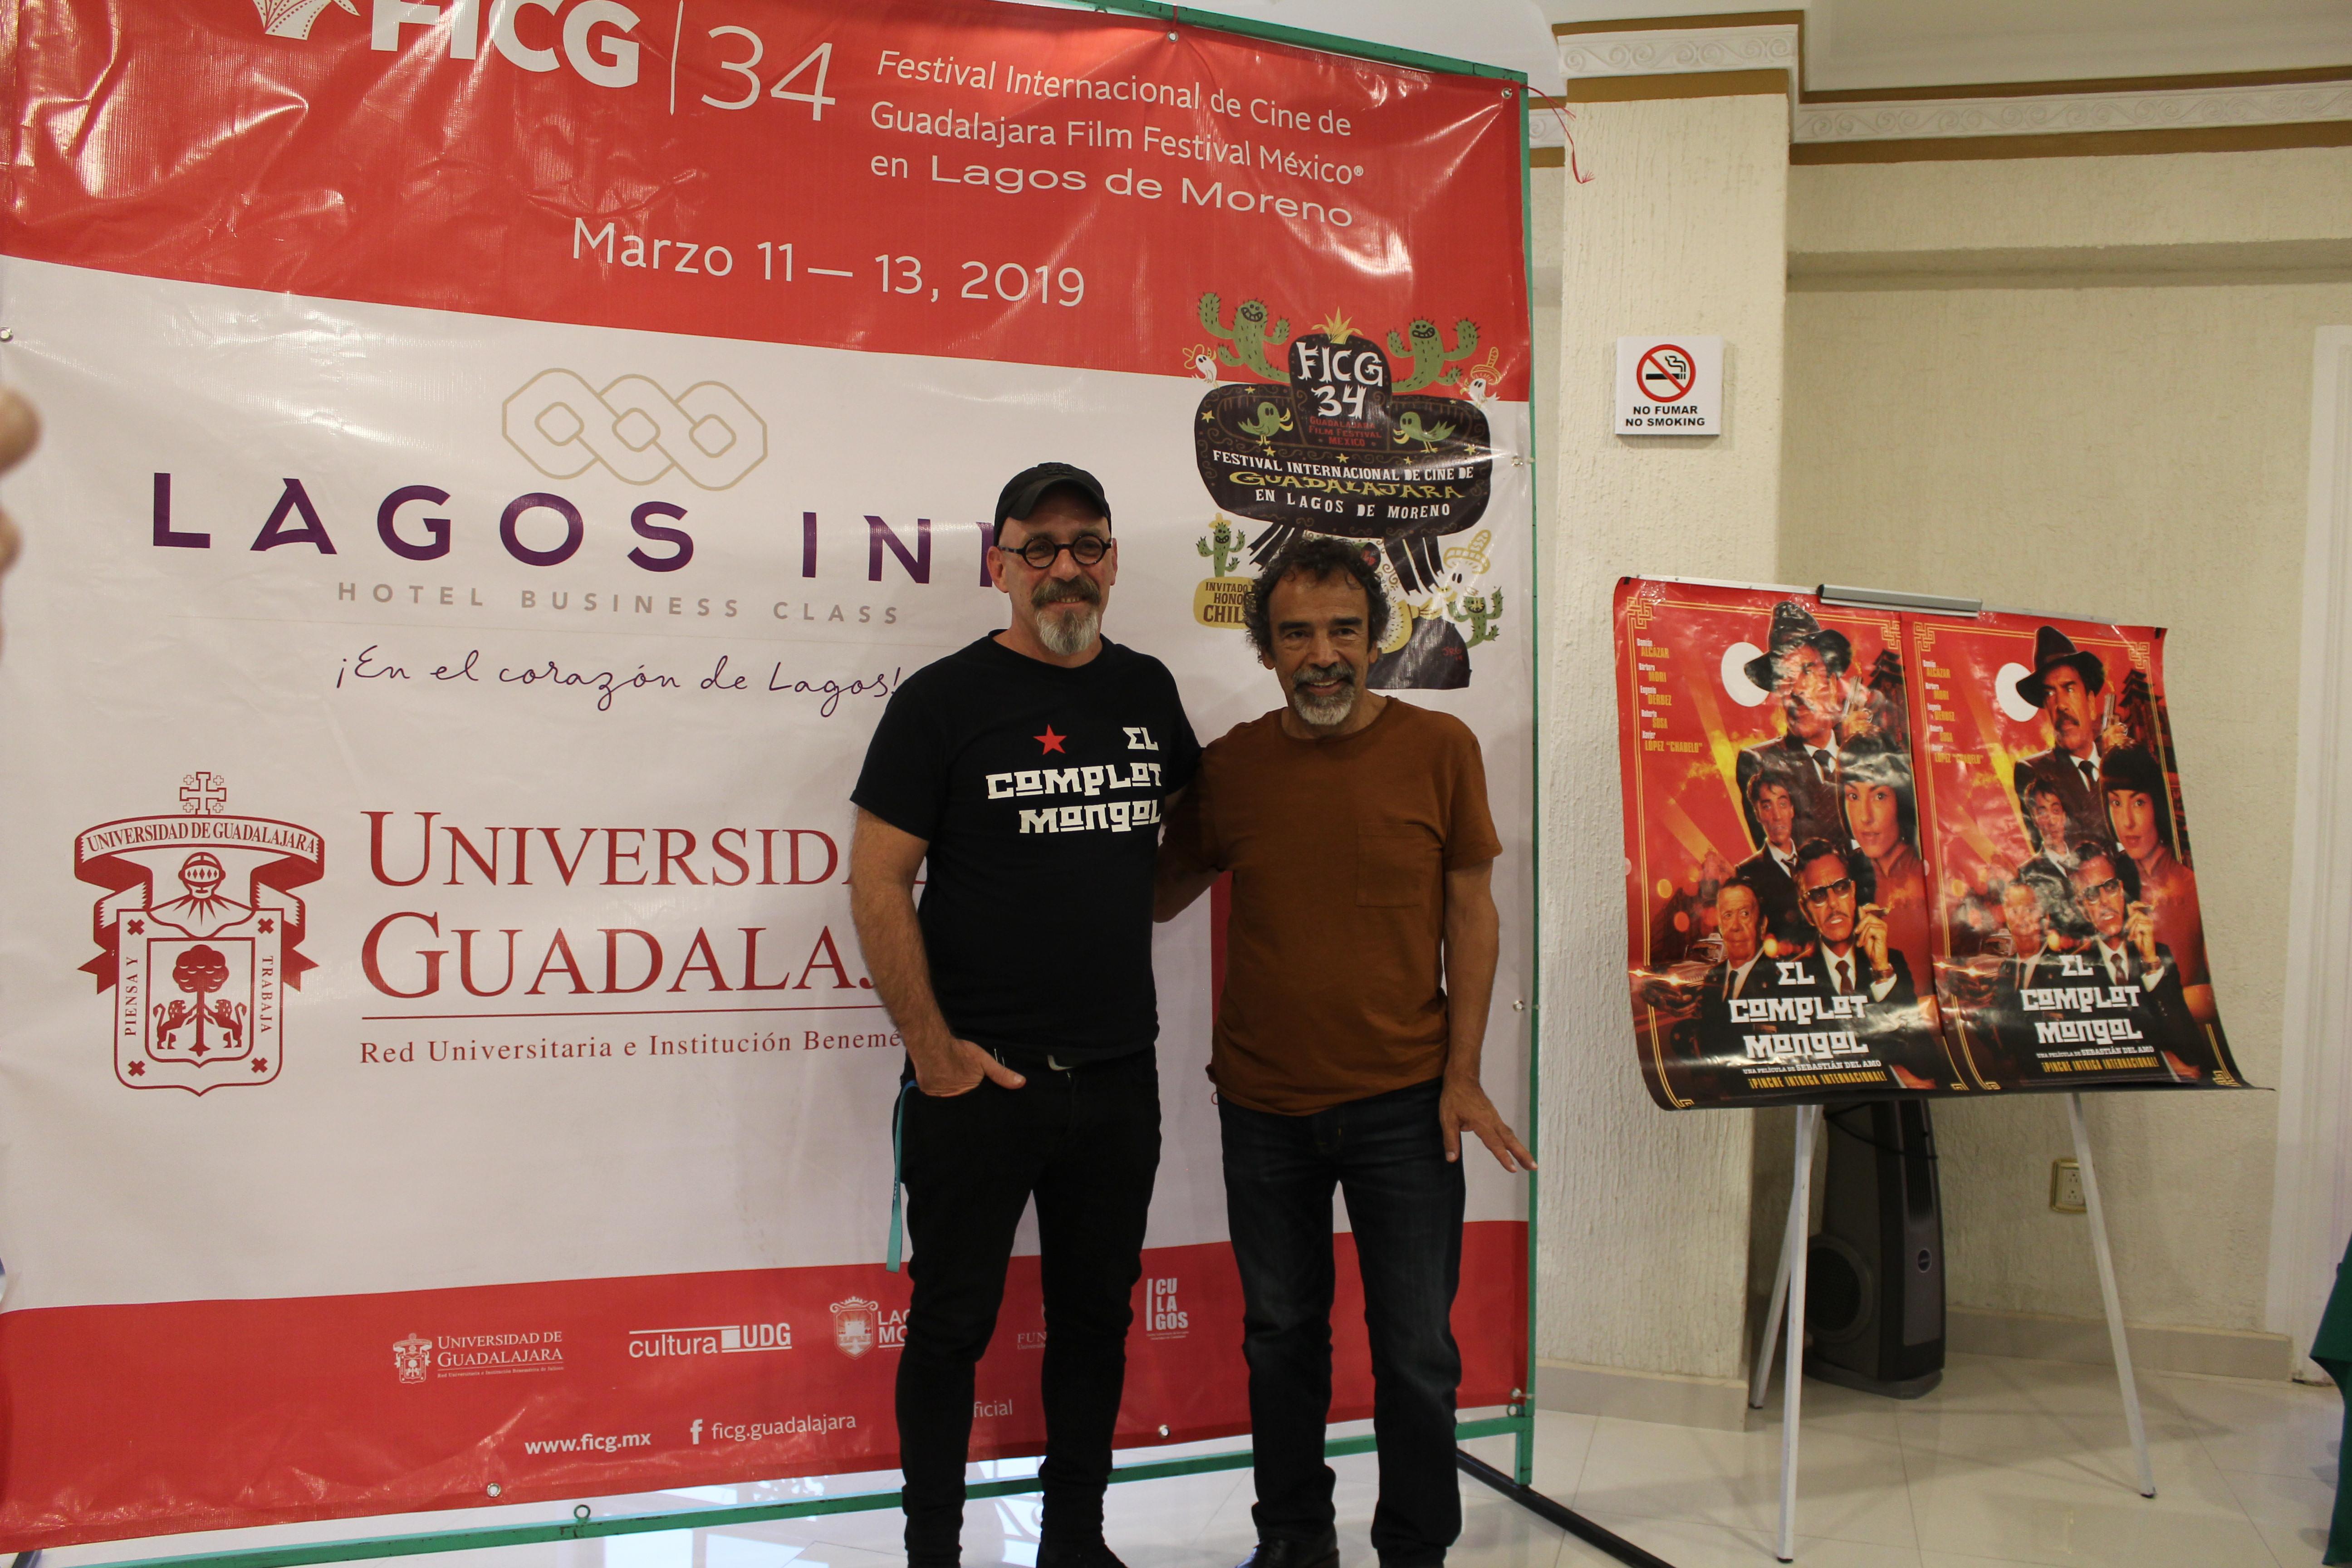 Sebastián del Amo y Damián Alcázar sonríen a las cámaras